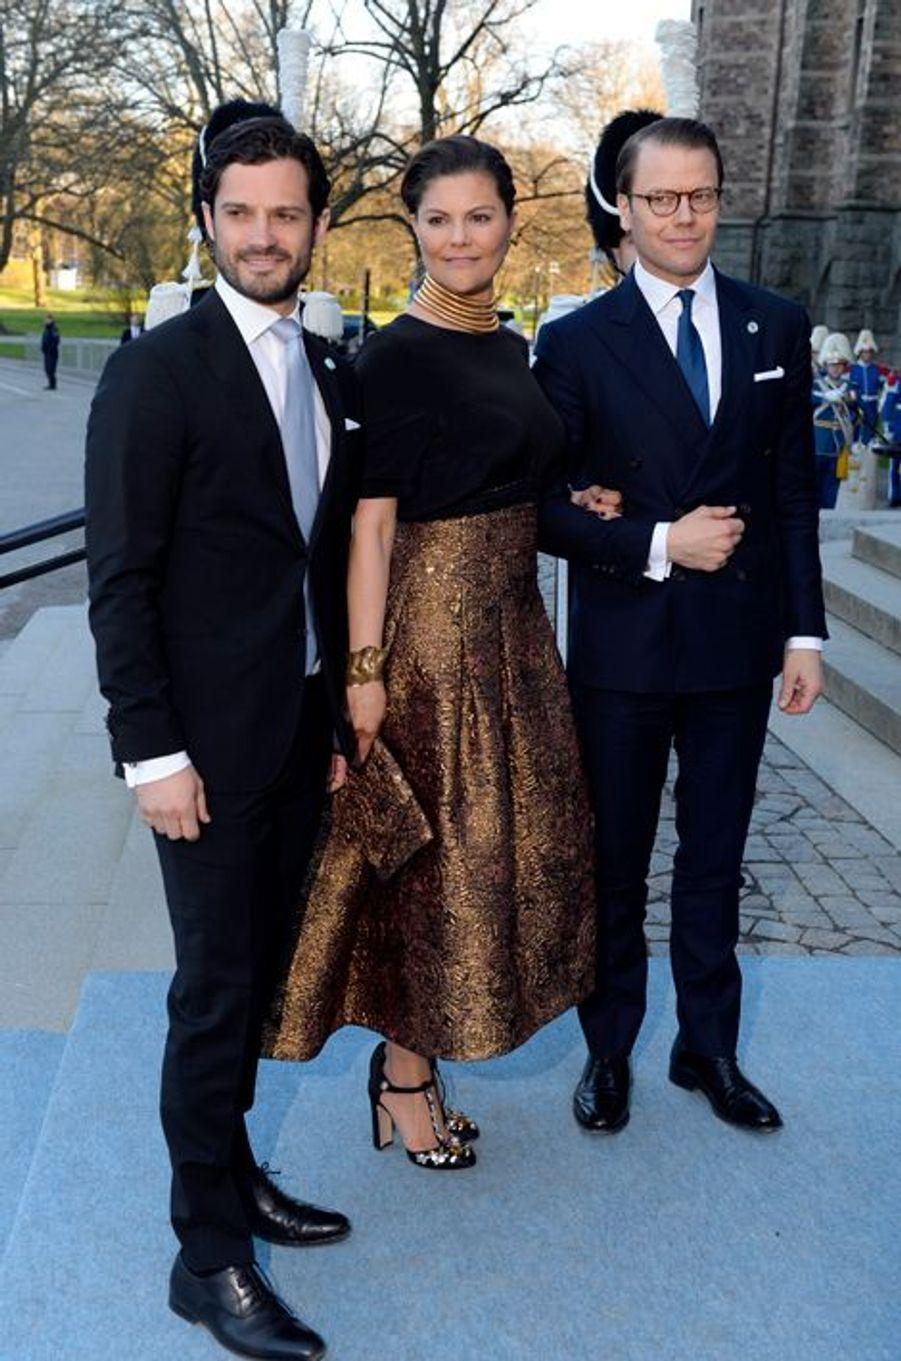 La princesse Victoria et les princes Daniel et Carl Philip de Suède à Stockholm, le 29 avril 2016